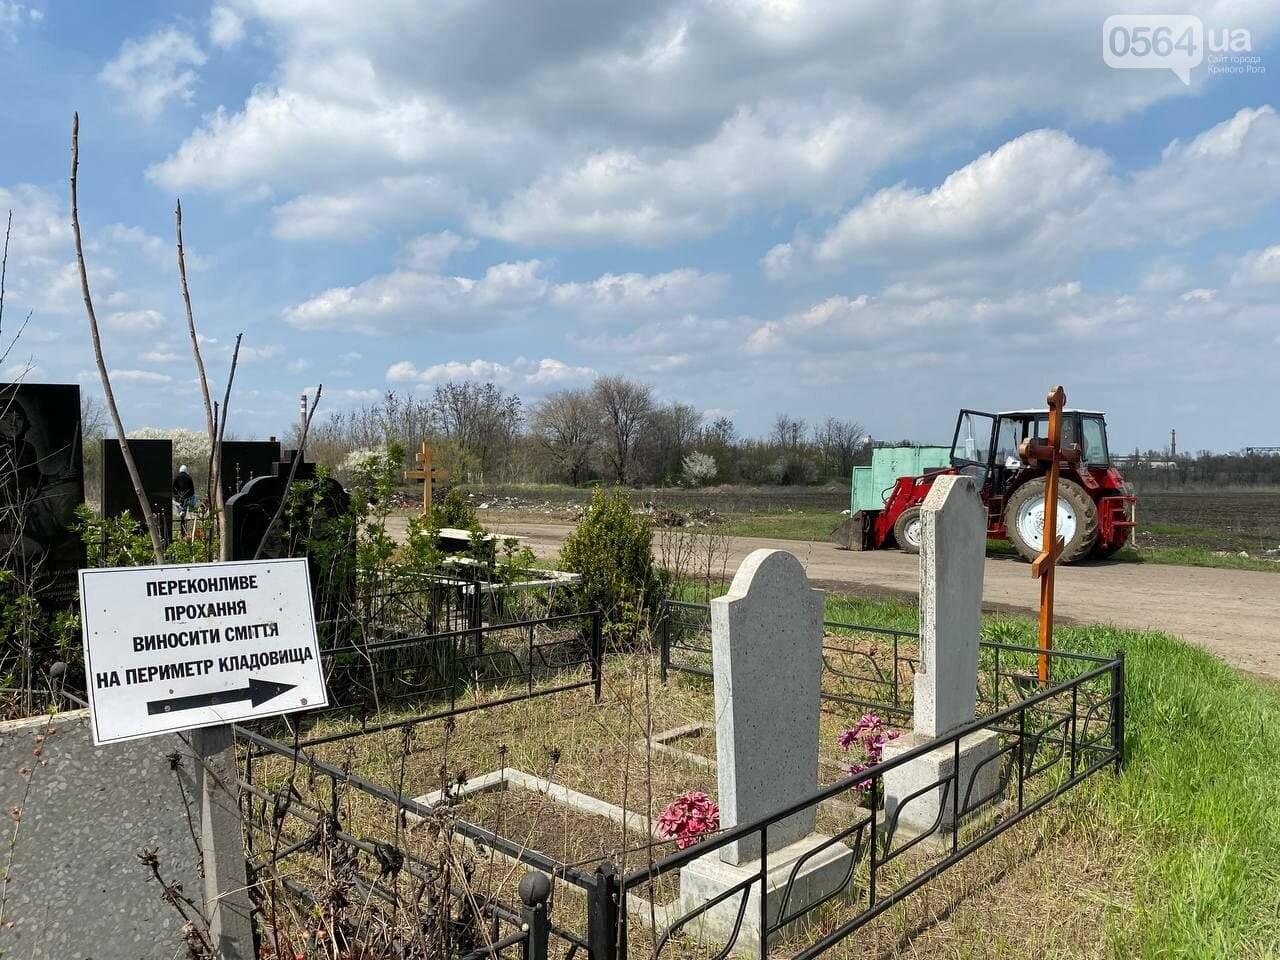 На криворожских кладбищах накануне поминальных дней в усиленном режиме работает спецтехника, - ФОТО, ВИДЕО , фото-14